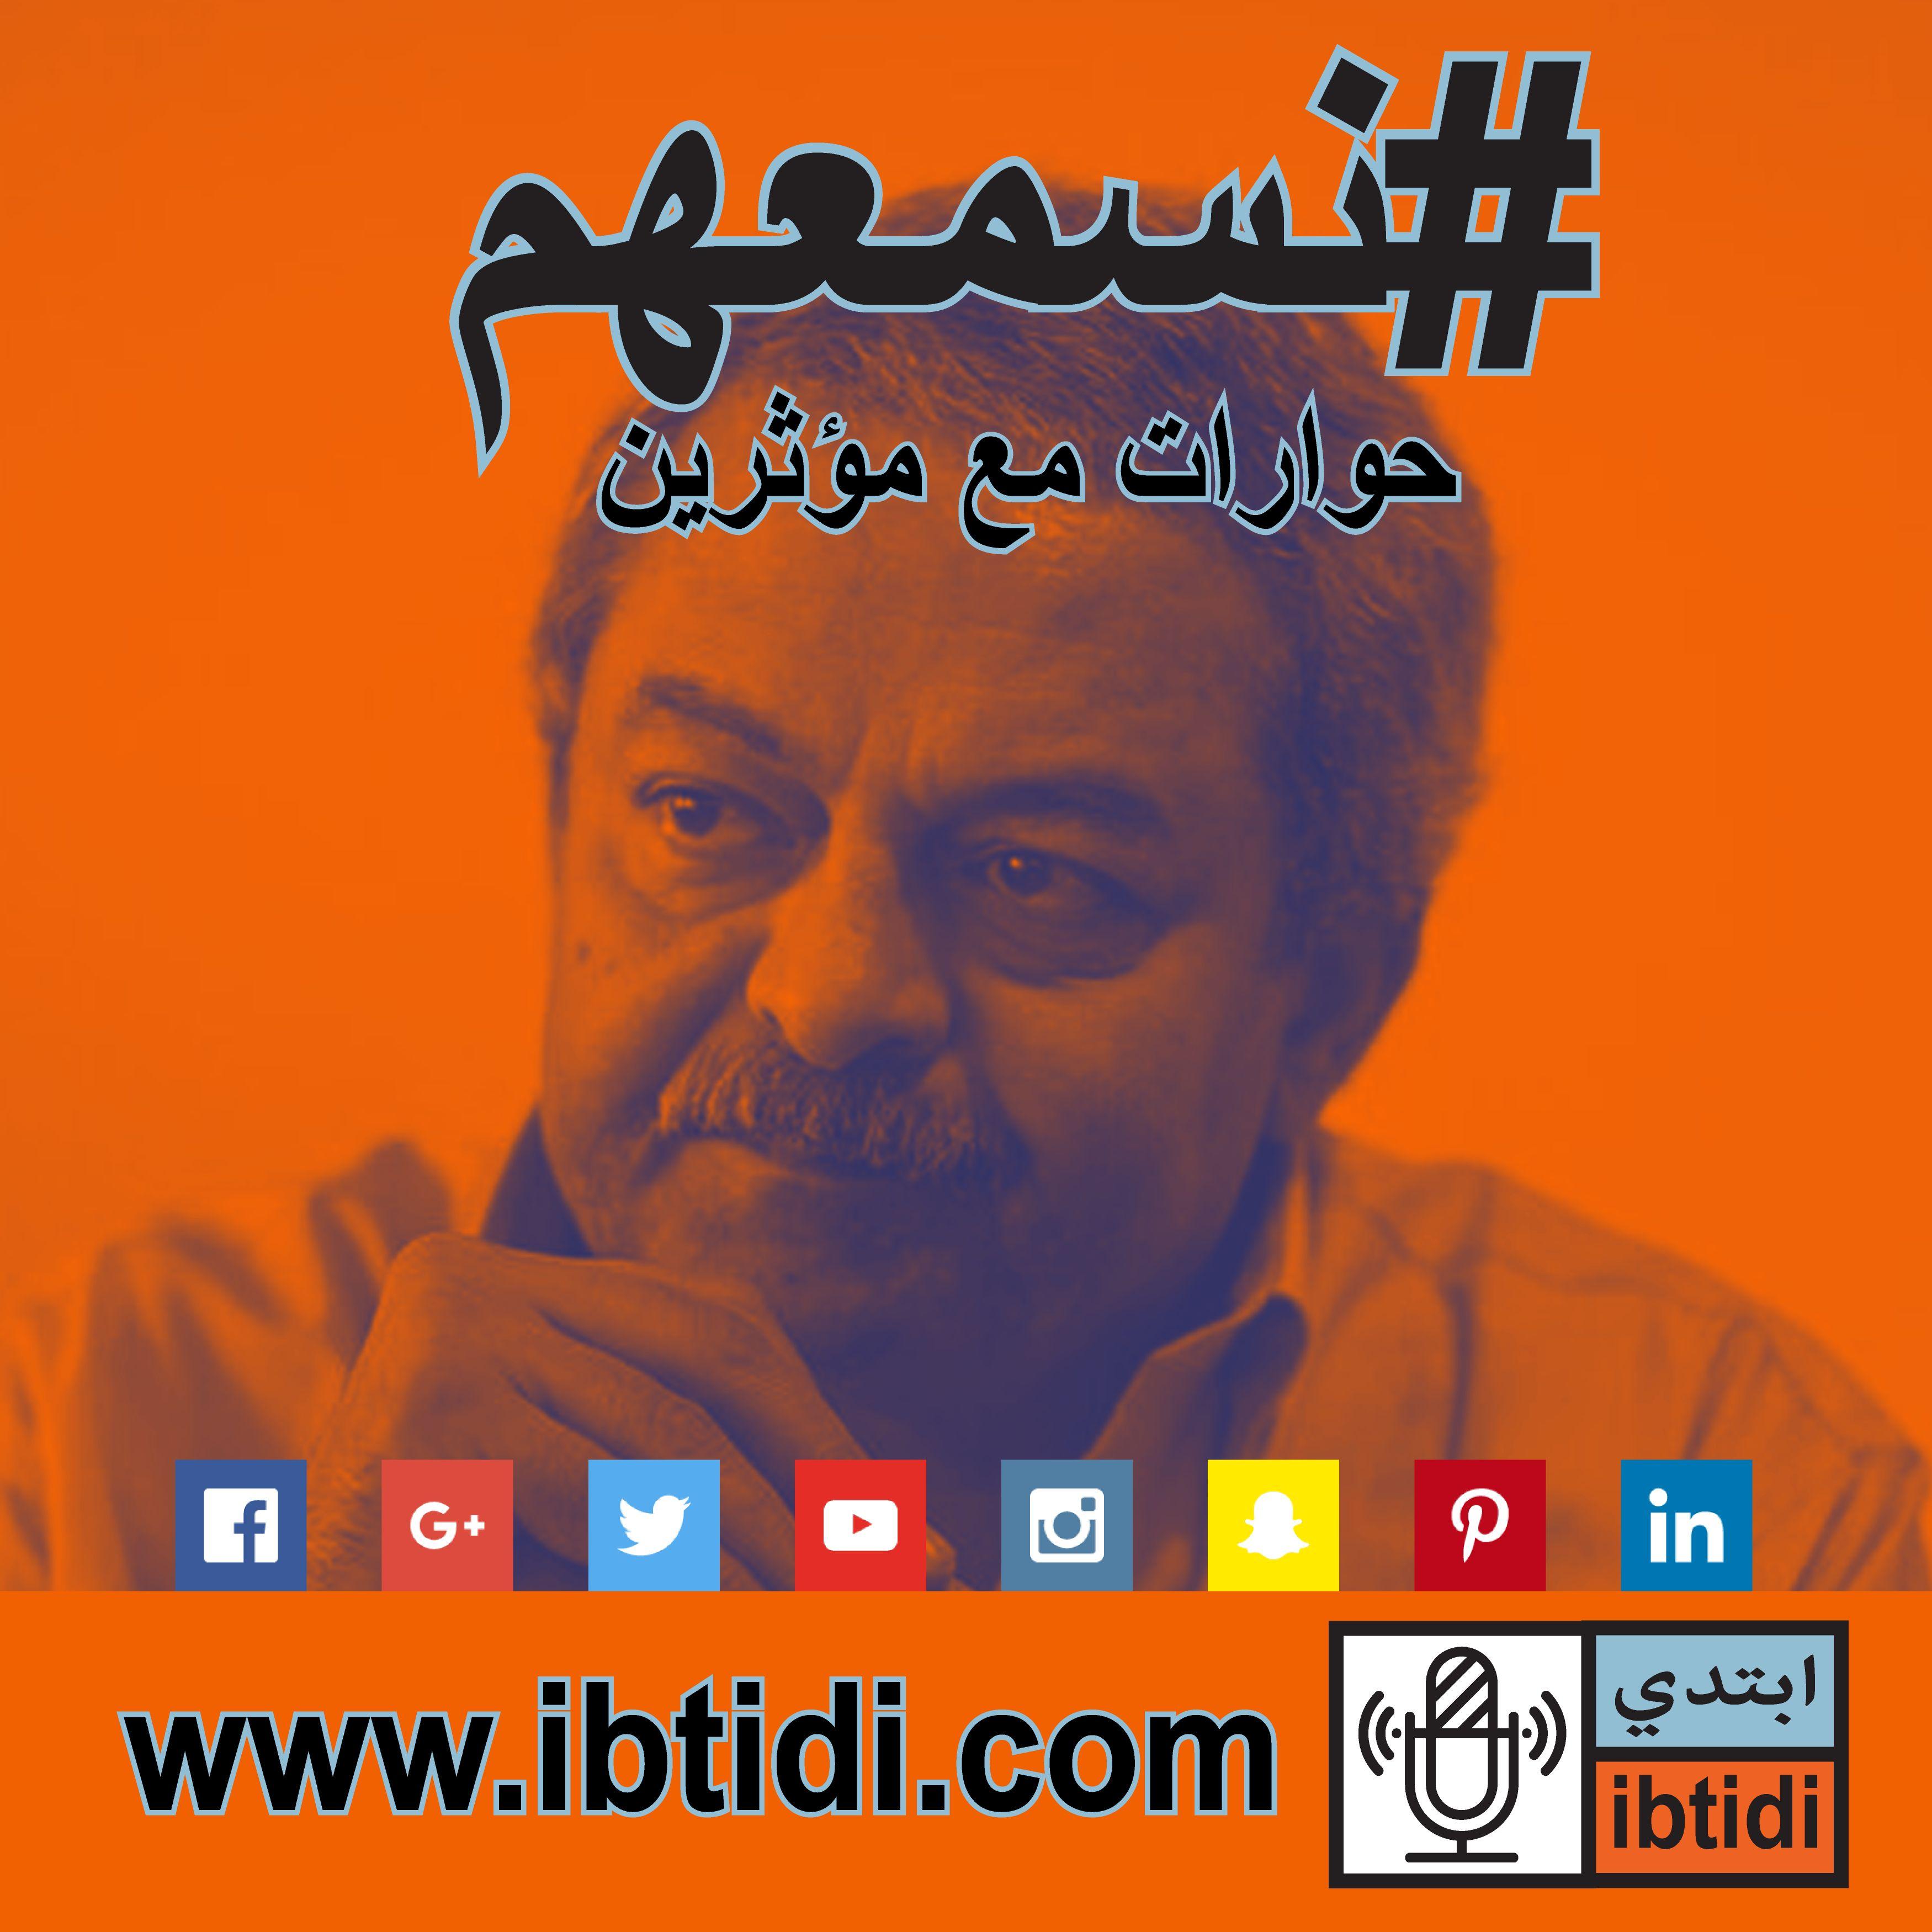 برنامج #نسمعهم - حلقة ٠١٨- هشام قاسم - حرية الصحافة و حتمية الديمقراطية